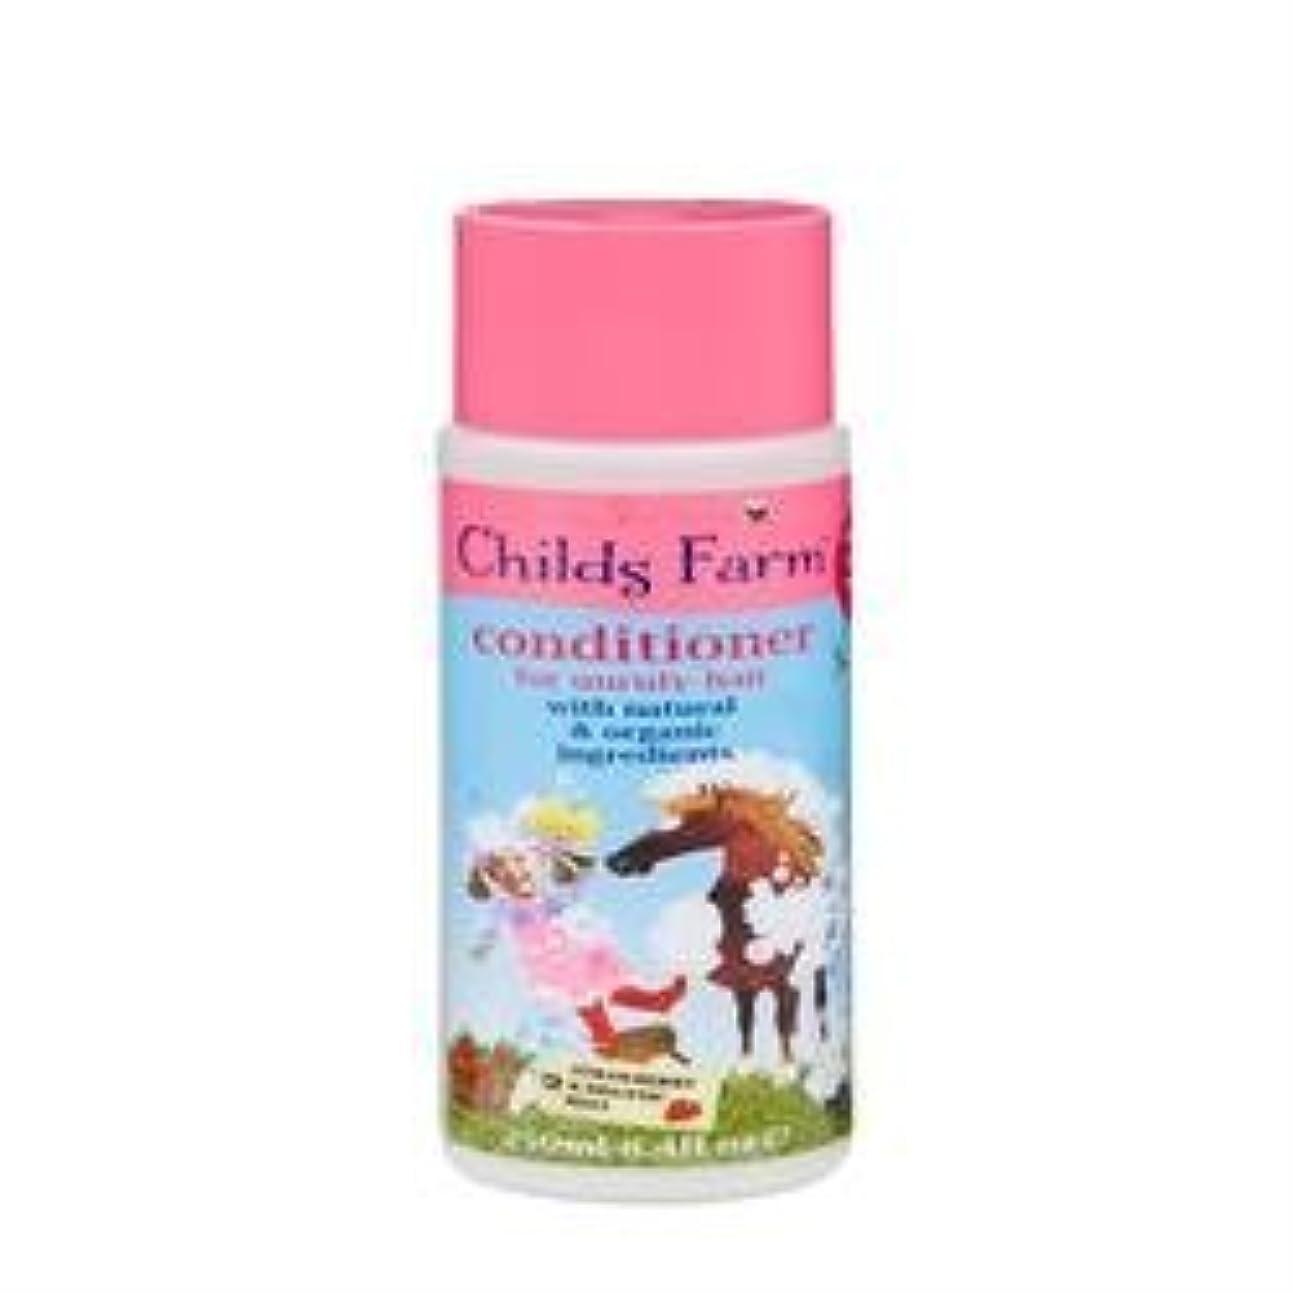 軍団によるとガイダンスConditioner for Unruly Hair (250ml) x 6 Pack by Childs Farm [並行輸入品]